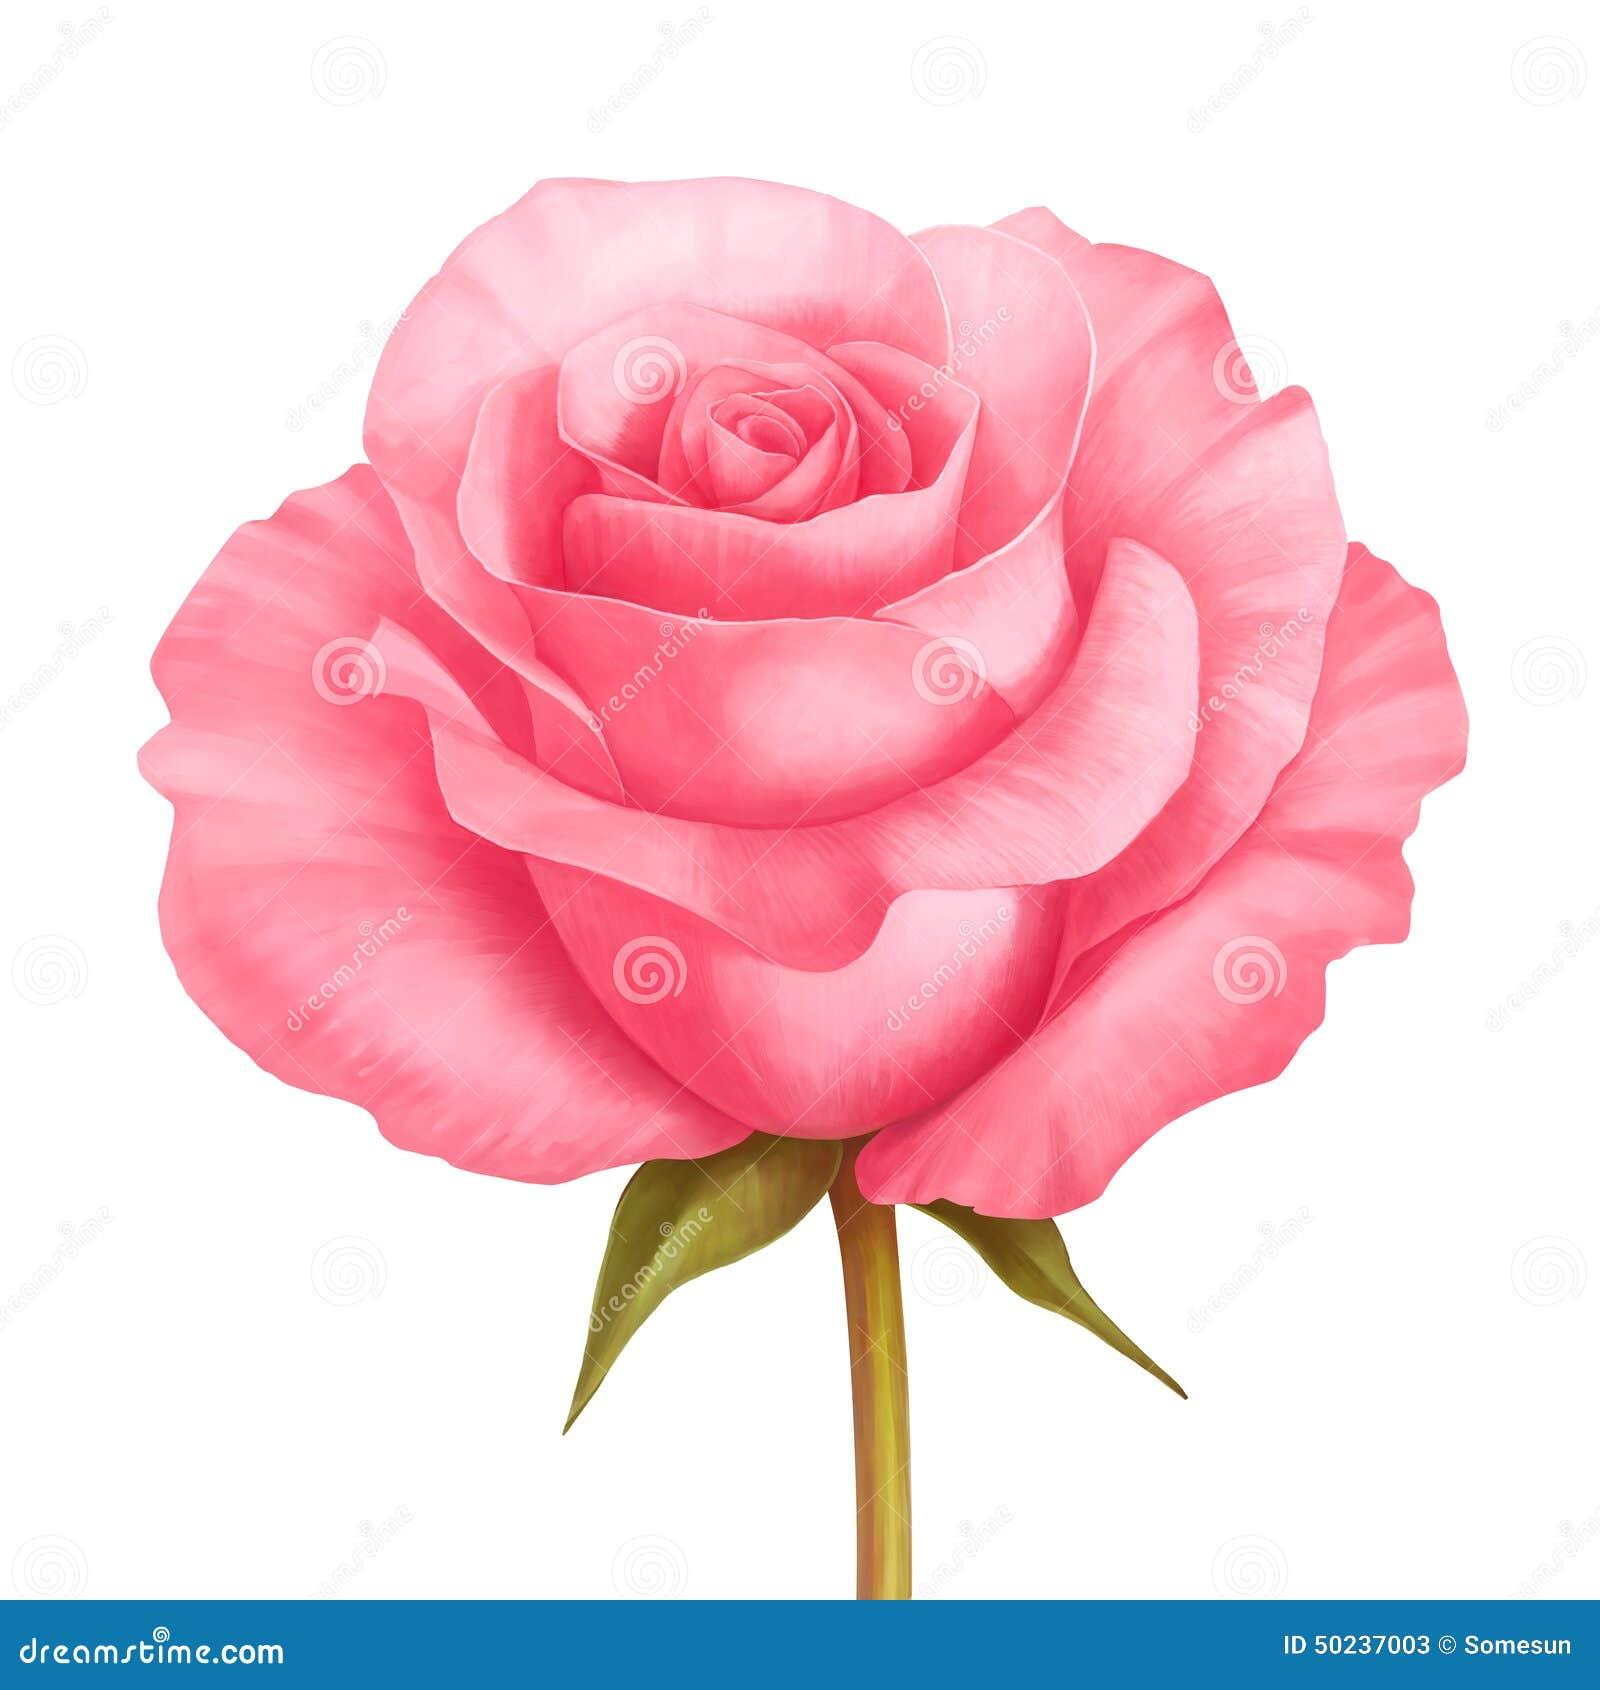 Διανυσματικός αυξήθηκε ρόδινη απεικόνιση λουλουδιών που απομονώθηκε στο λευκό